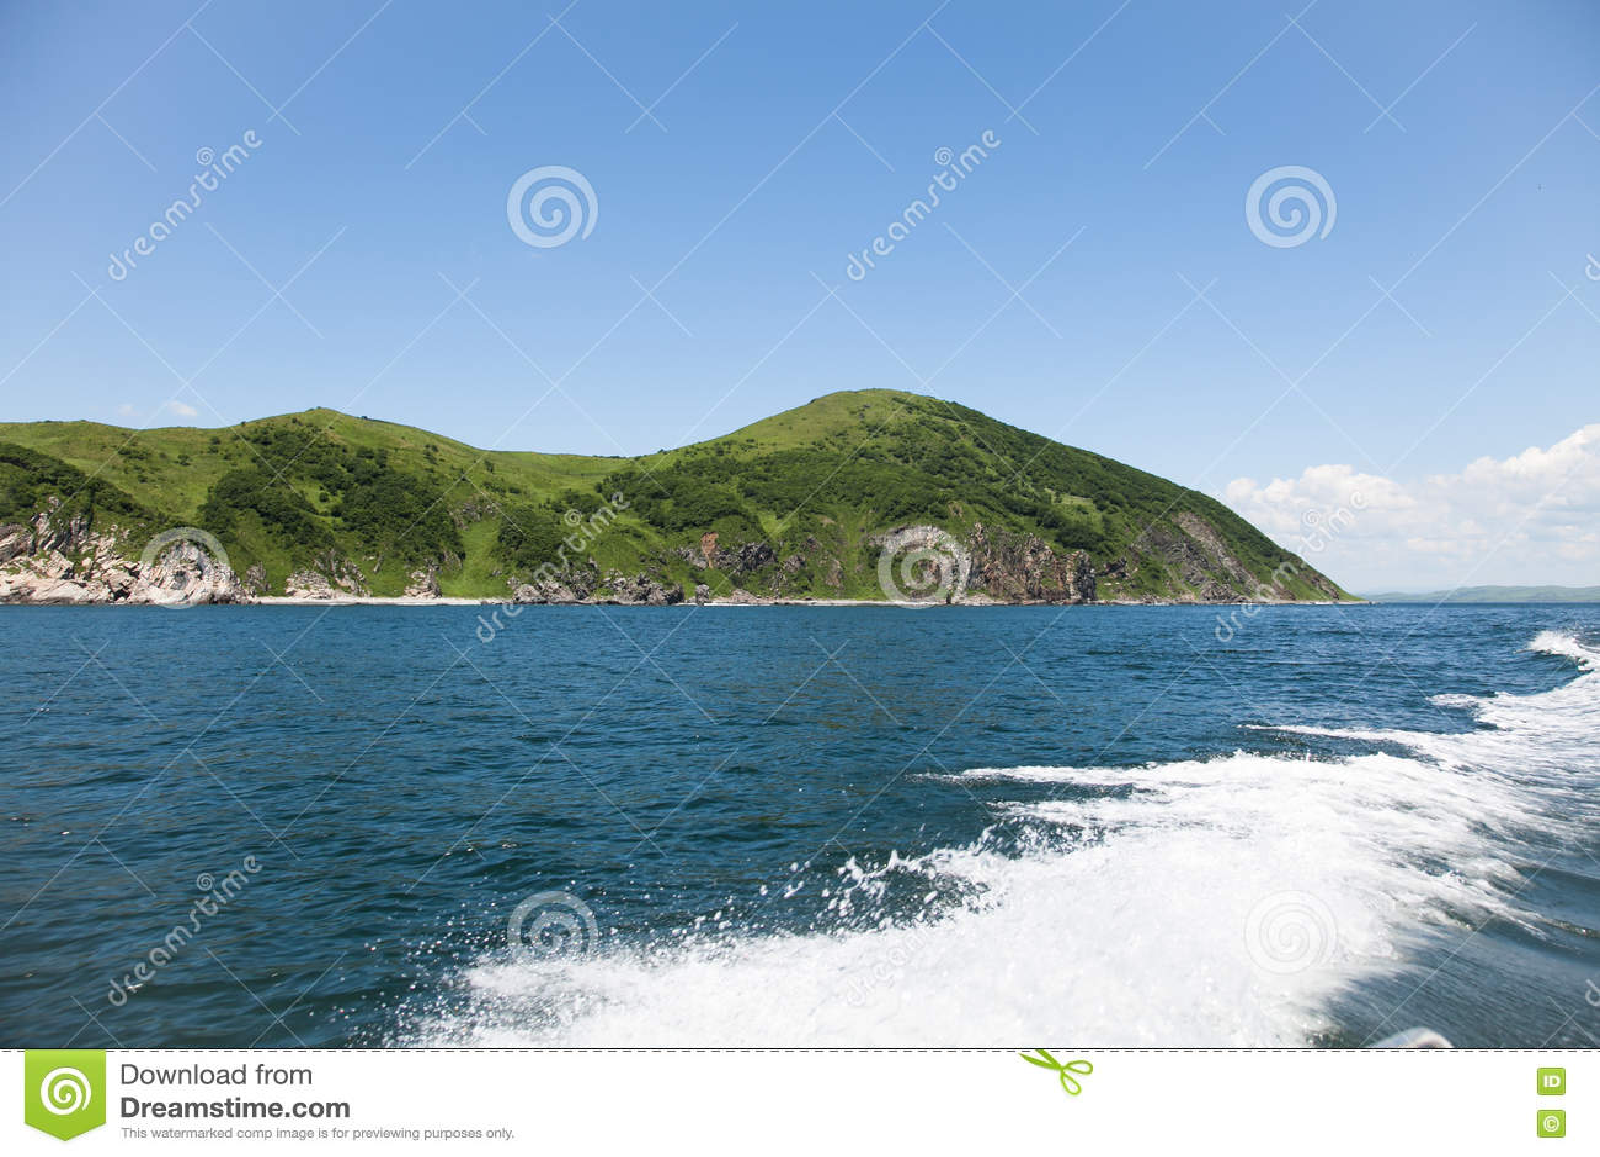 Traînez sur la surface d eau de mer derrière le bateau contre le contexte du terrain accidenté